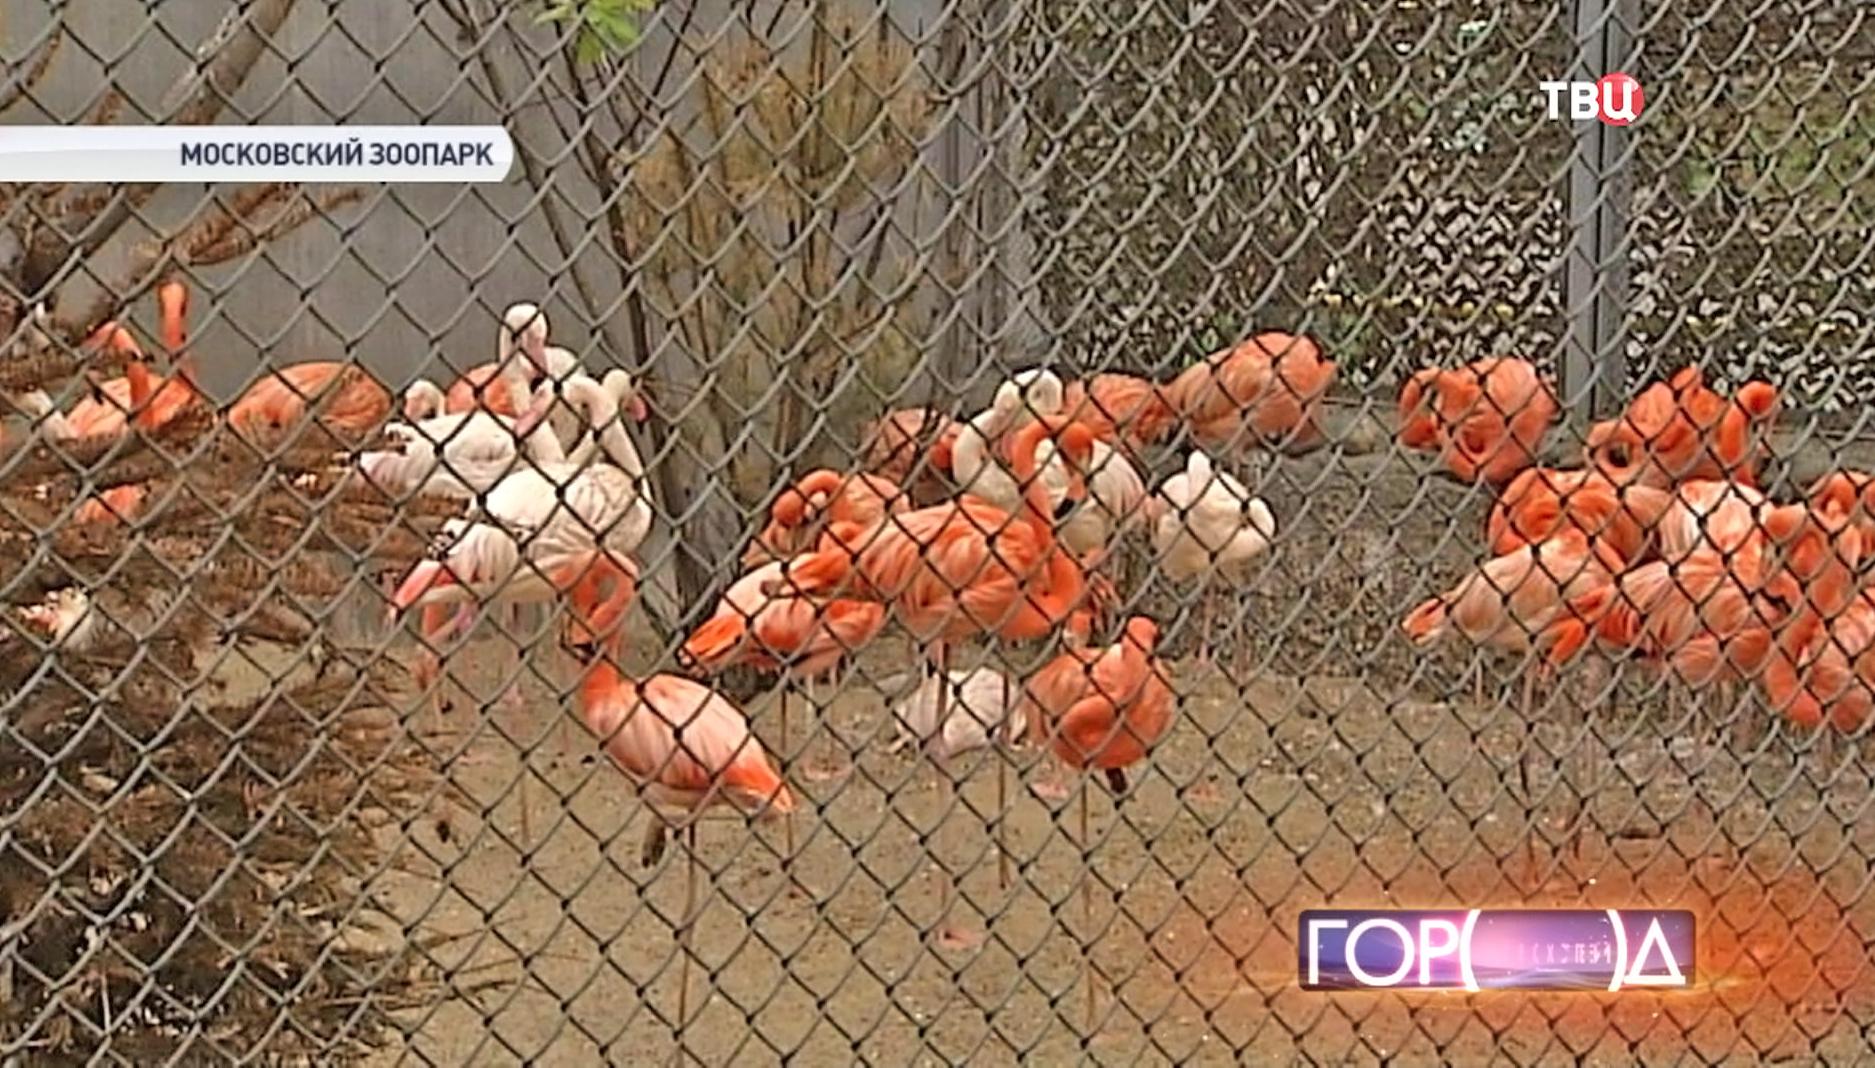 Розовые фламинго в Московском зоопарке